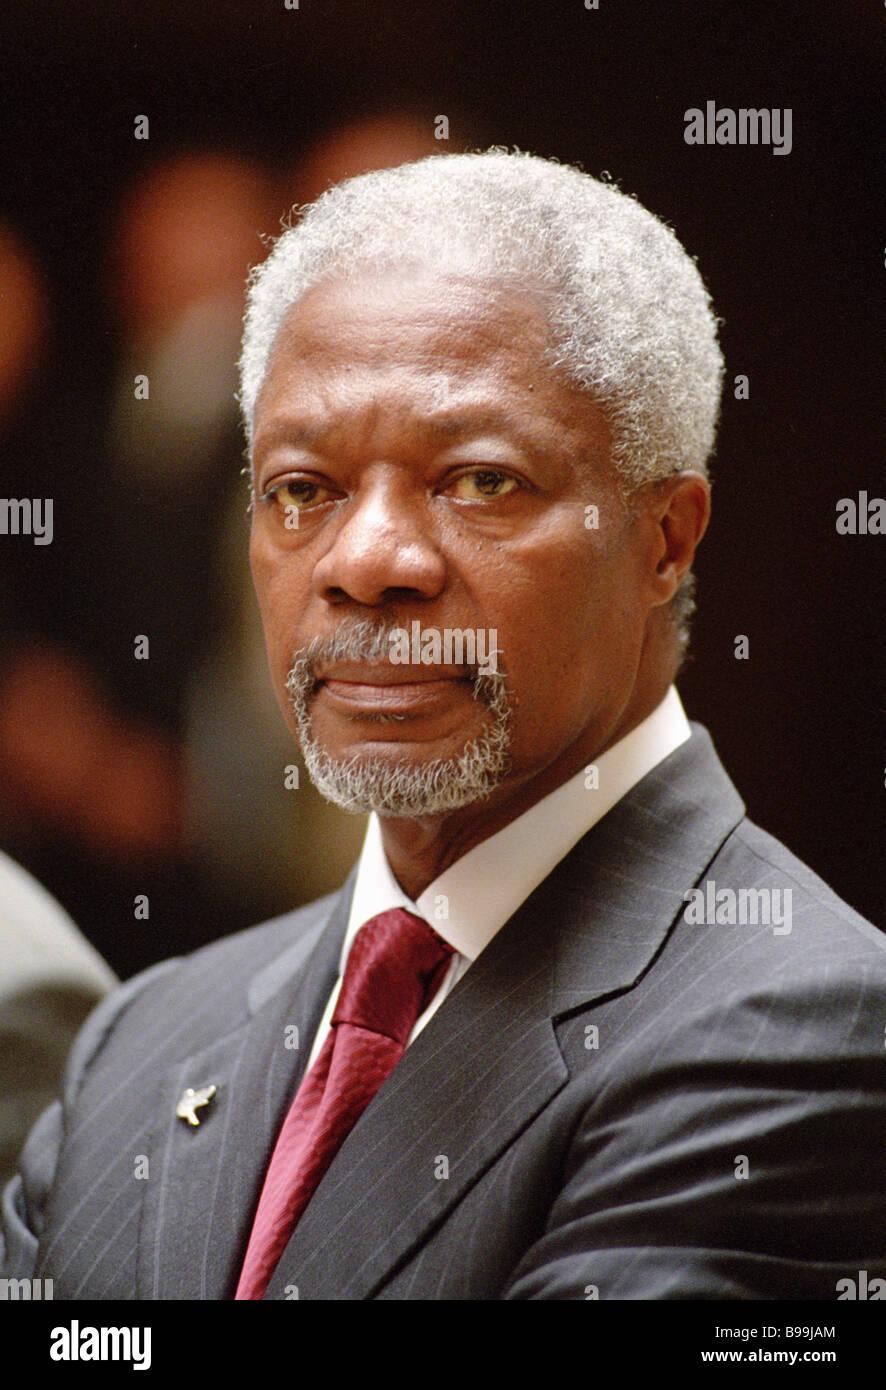 UN Secretary General Kofi Annan - Stock Image